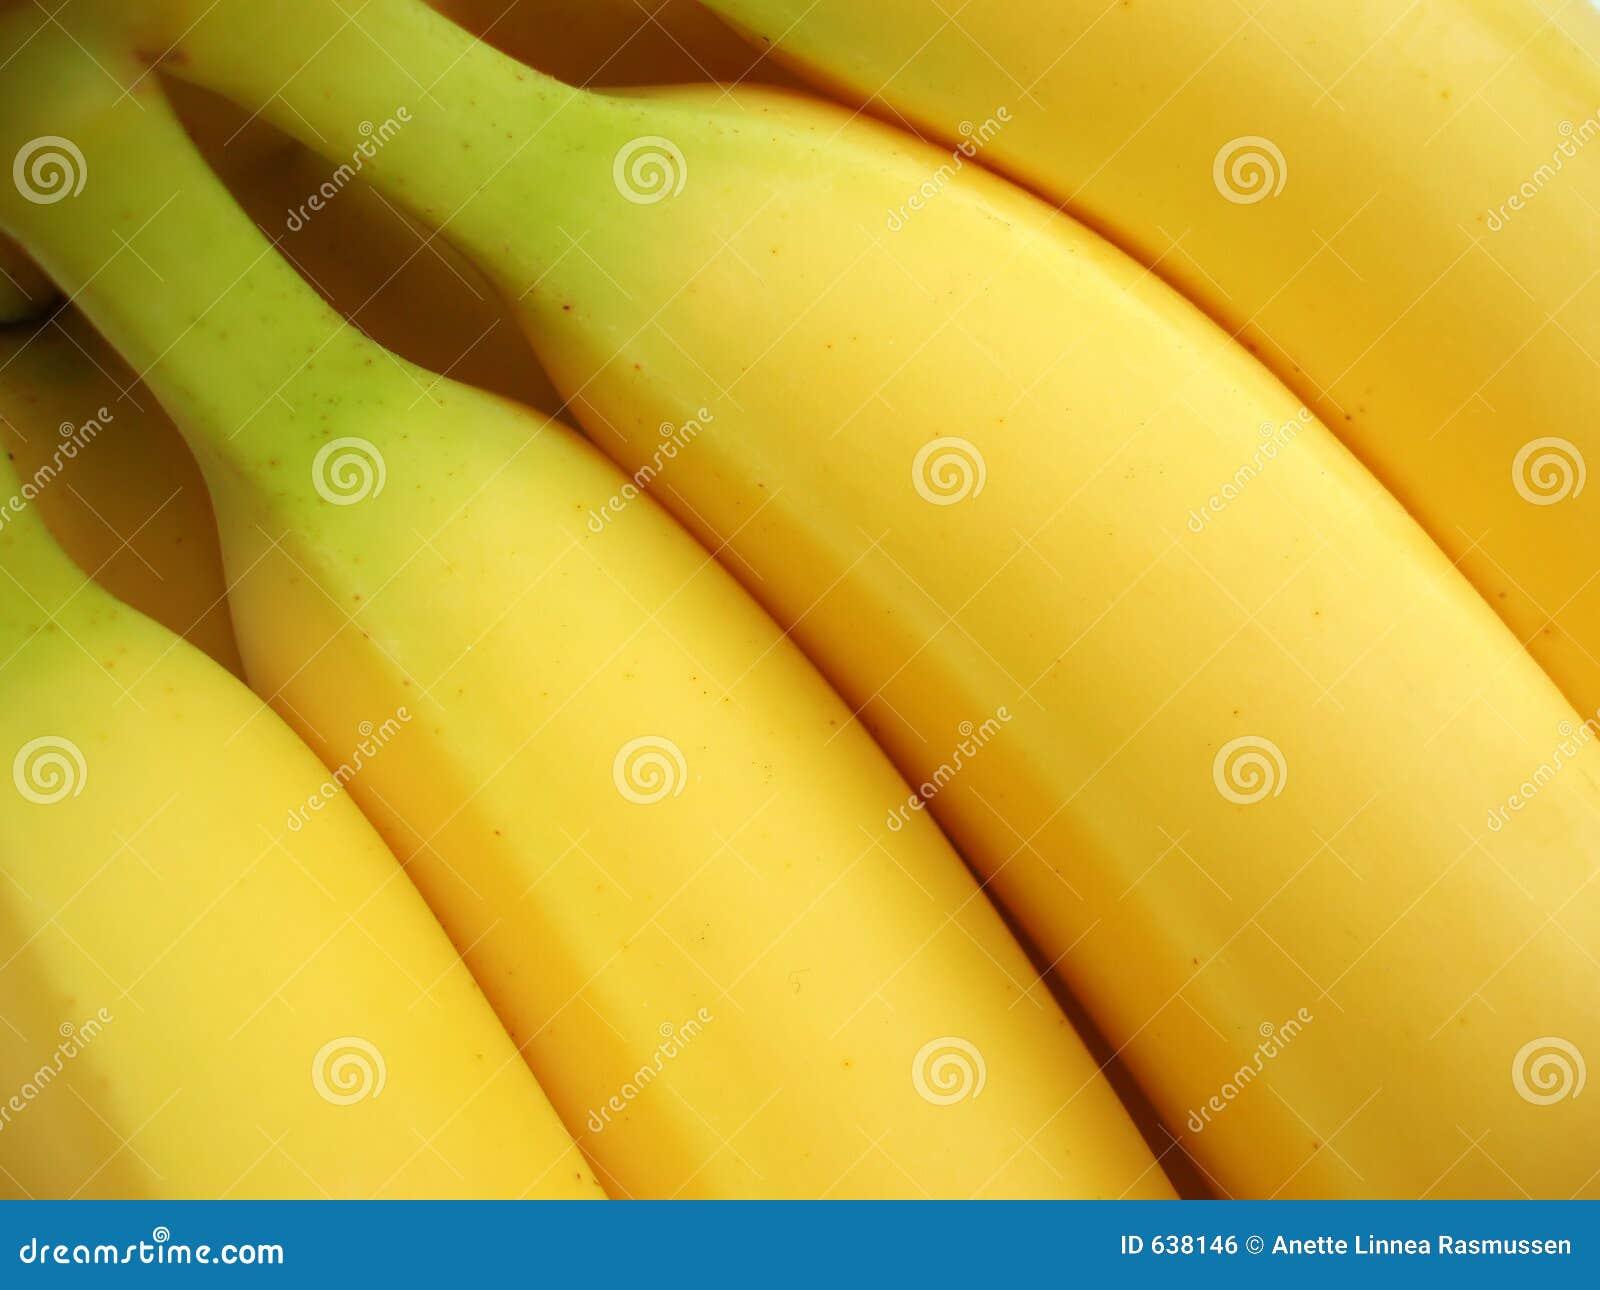 Banan kiście żółty